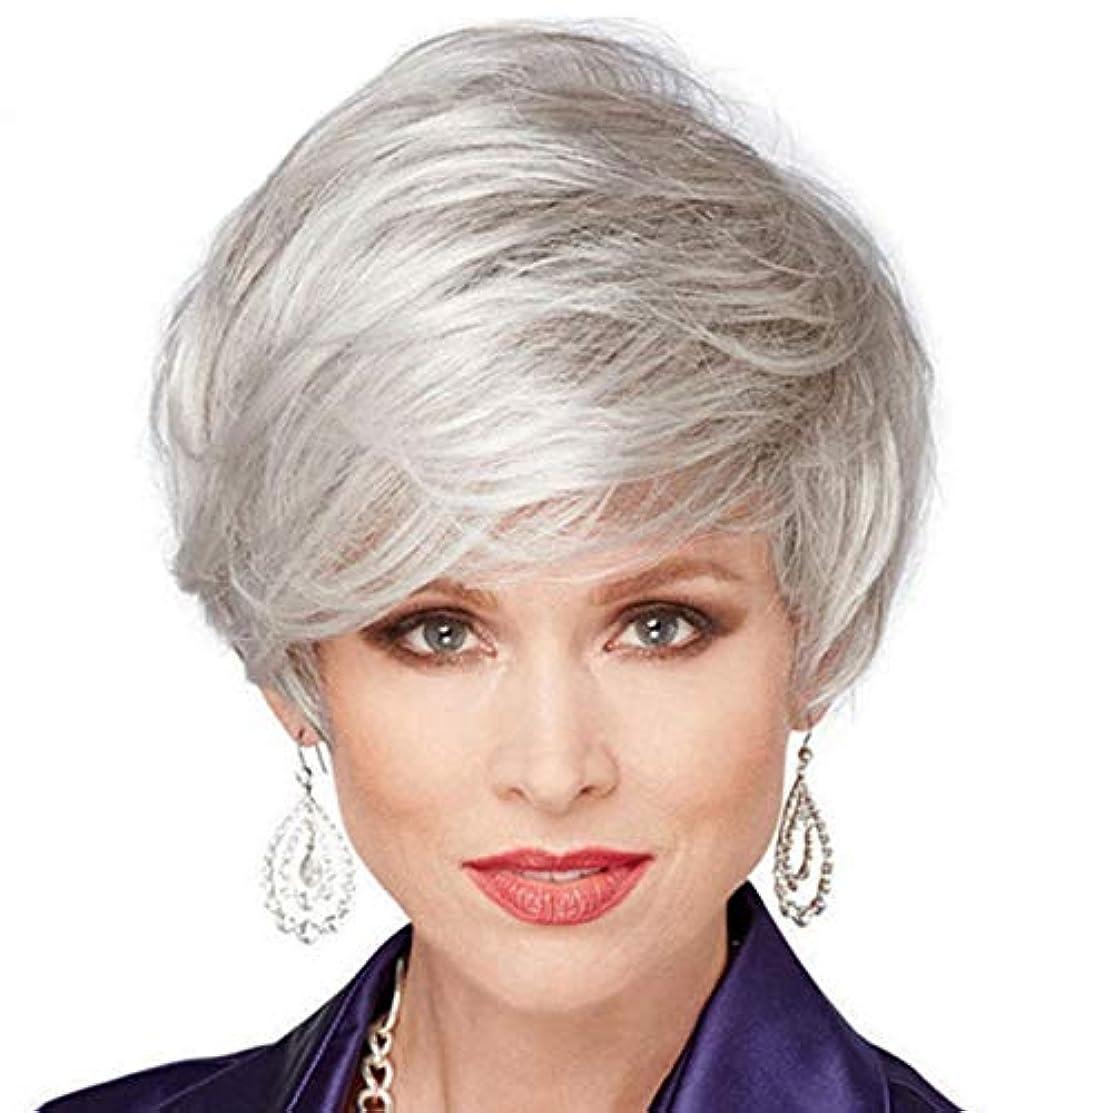 侵入シリーズジーンズKoloeplf ふわふわストレートショートウィッグ女性のリアルなシルバーグレーの髪中年のハイエンドのかつら偽のかつら (Color : SILVER, Size : 12INCH)